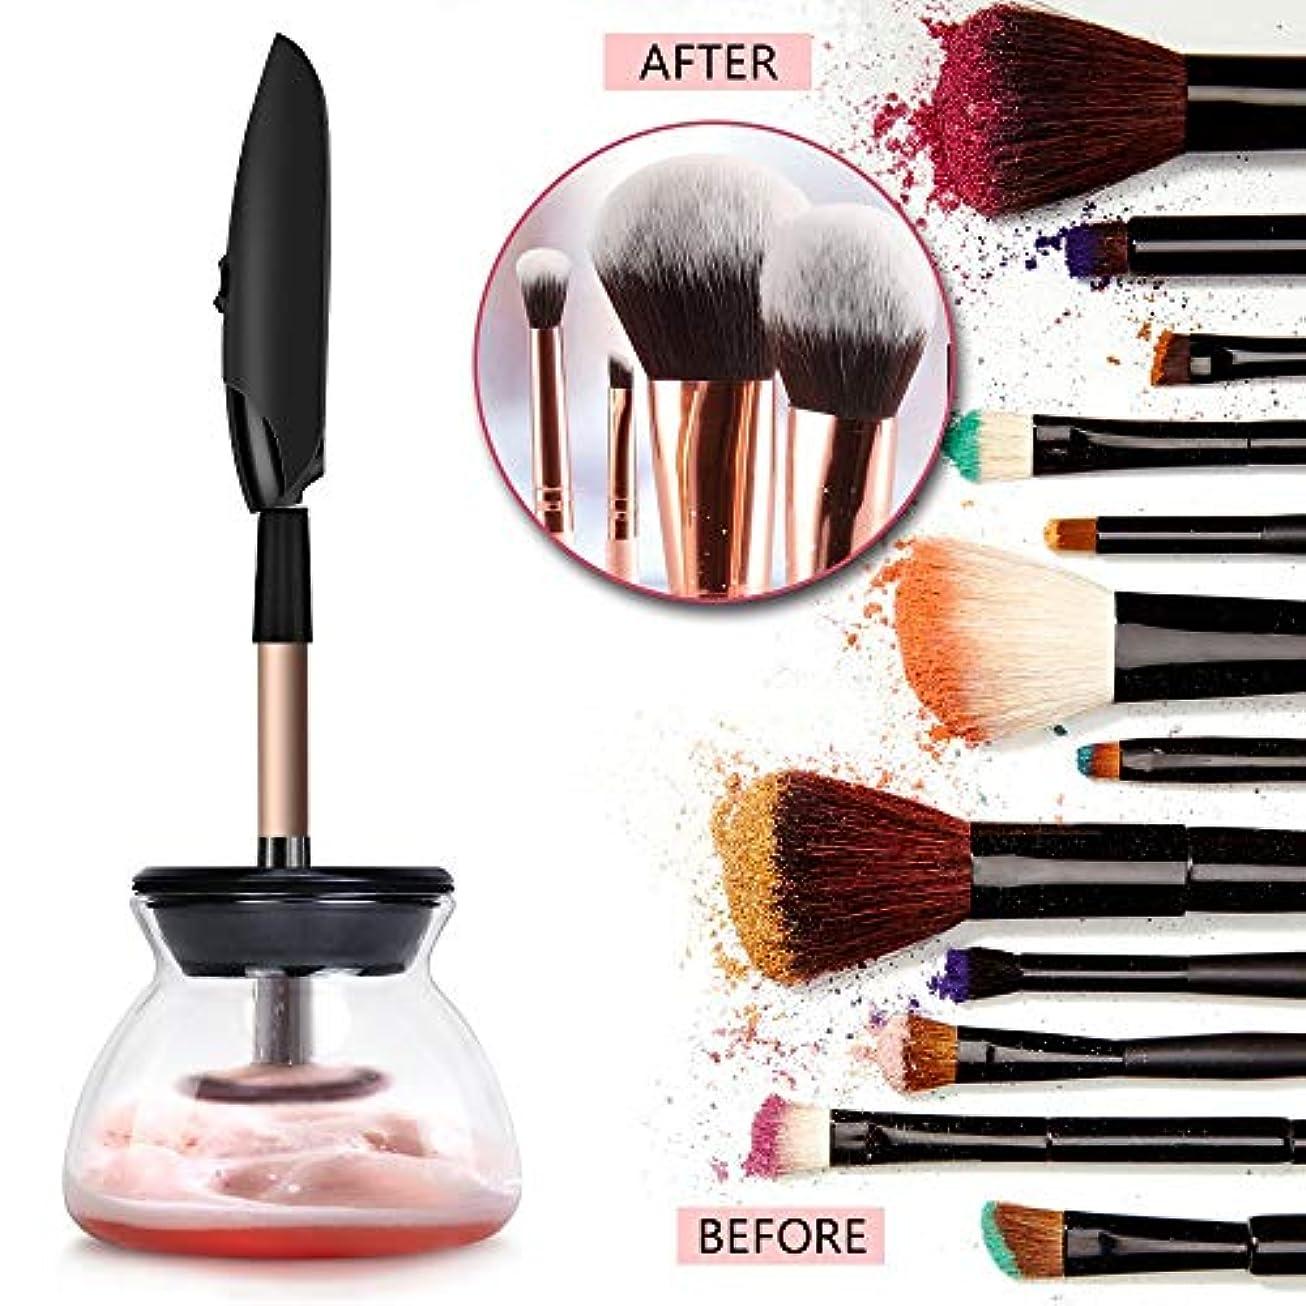 化粧ブラシクリーナー - 化粧ブラシクリーナーとドライヤー電気化粧ブラシクリーナー乾燥機、超高速自動スピナー化粧ブラシツール、あらゆる肌に適して